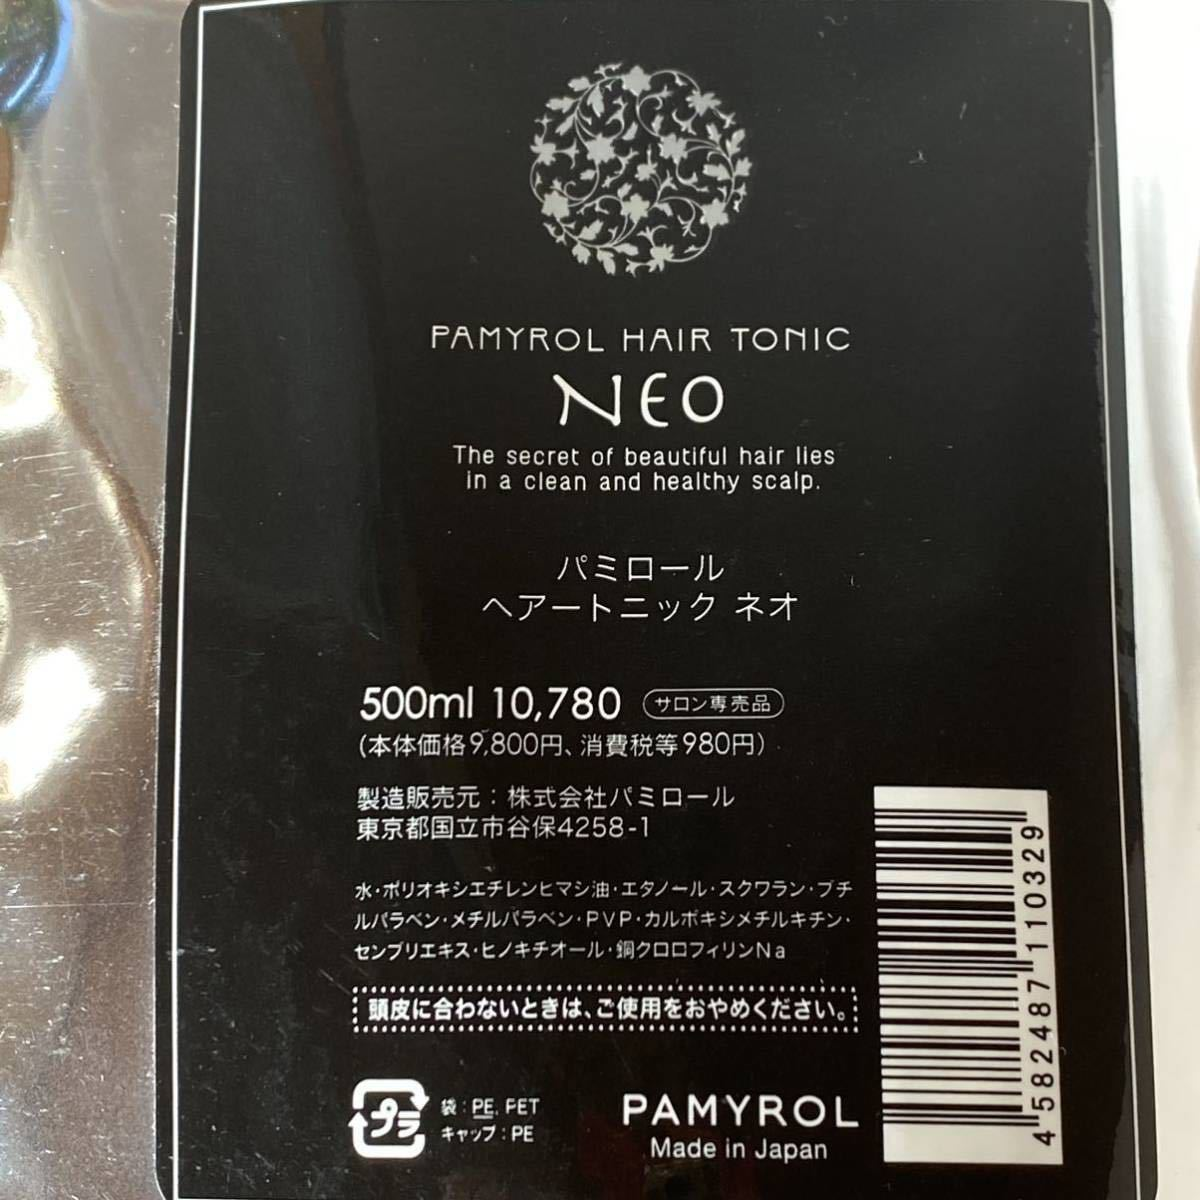 パミロール ヘアートニック ネオ パウチ2袋 新品未使用 ヘッドスパ 頭皮ケア くせ毛